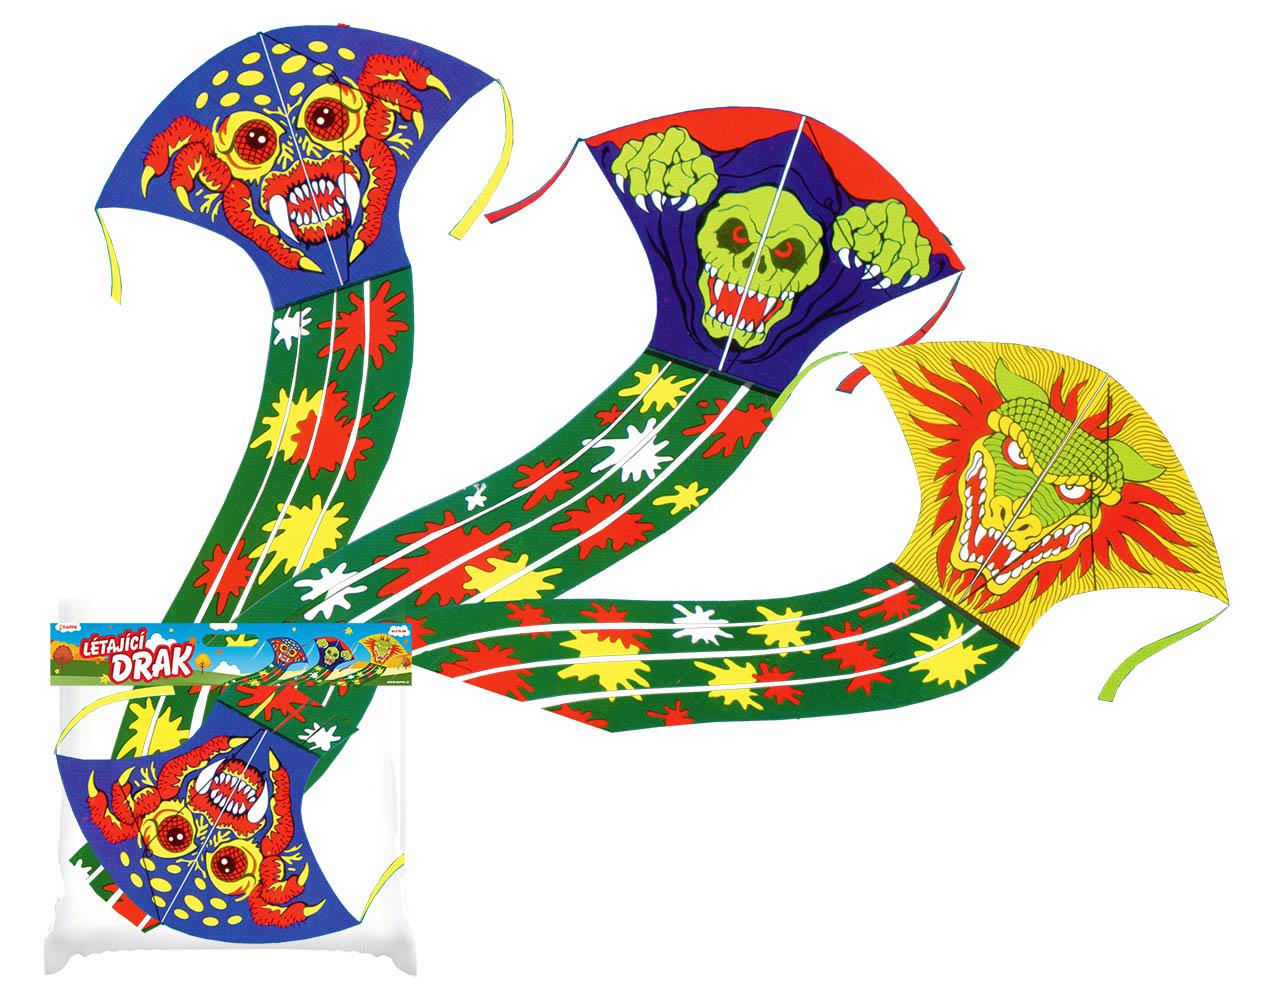 drak lietajúci monster, 43 x 70 cm, 3 druhy